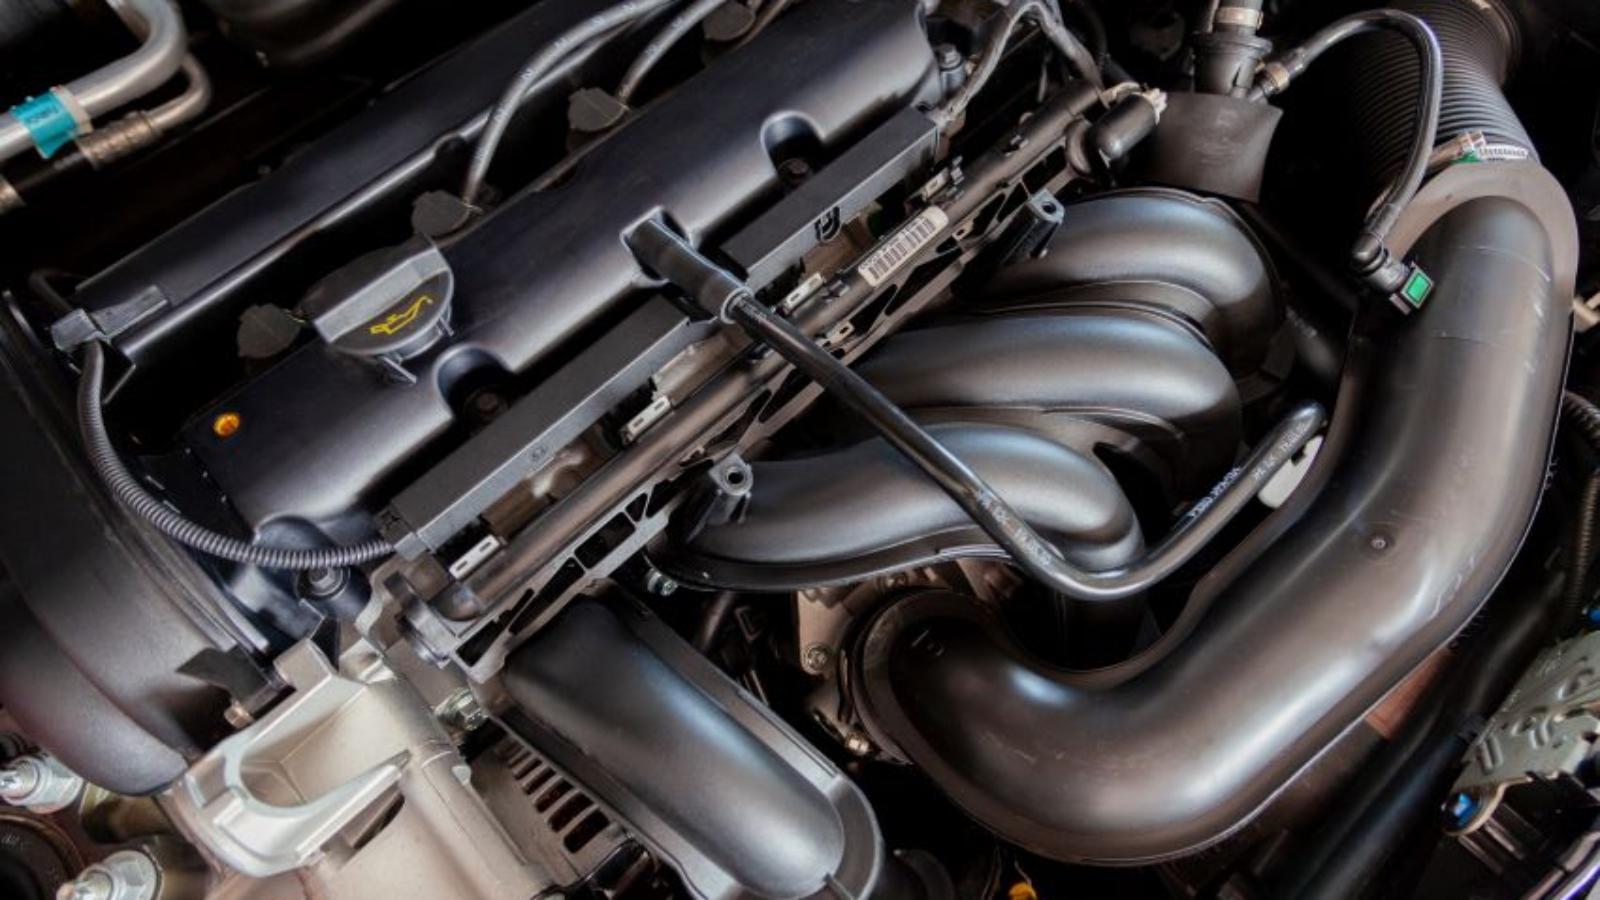 Cómo-evitar-el-sobrecalentamiento-del-motor-de-tu-coche-1